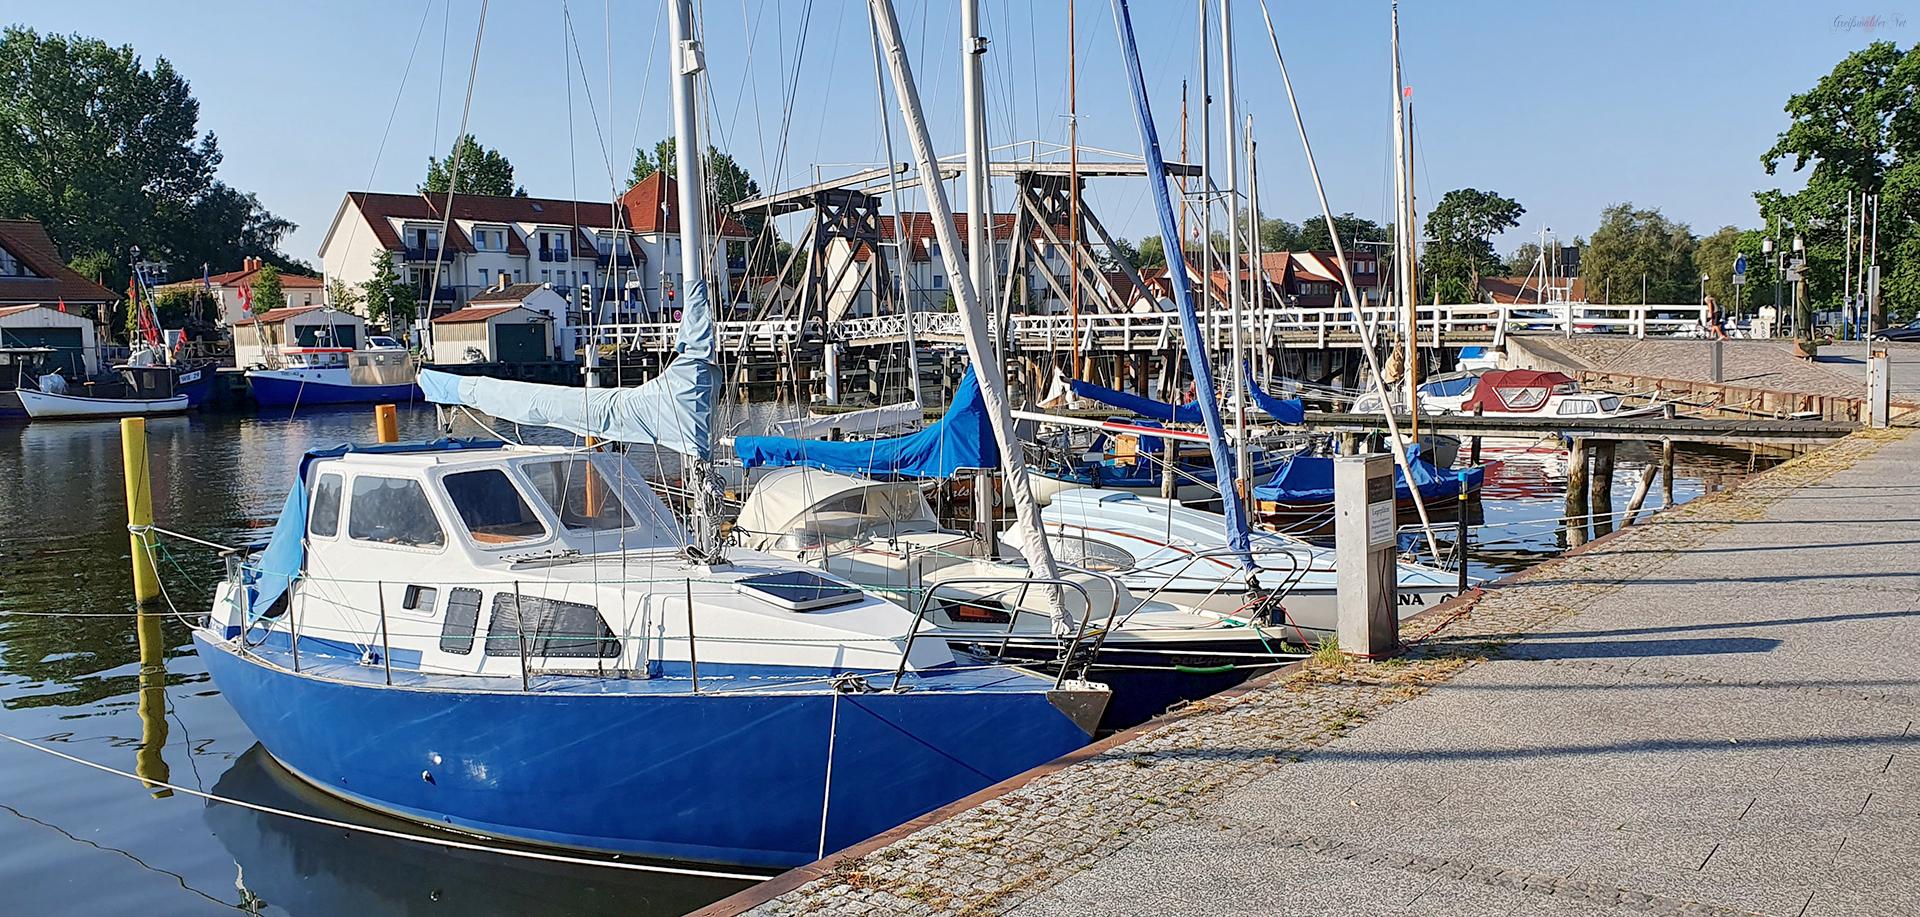 Hafen und Holzklappbrücke in Greifswald-Wieck